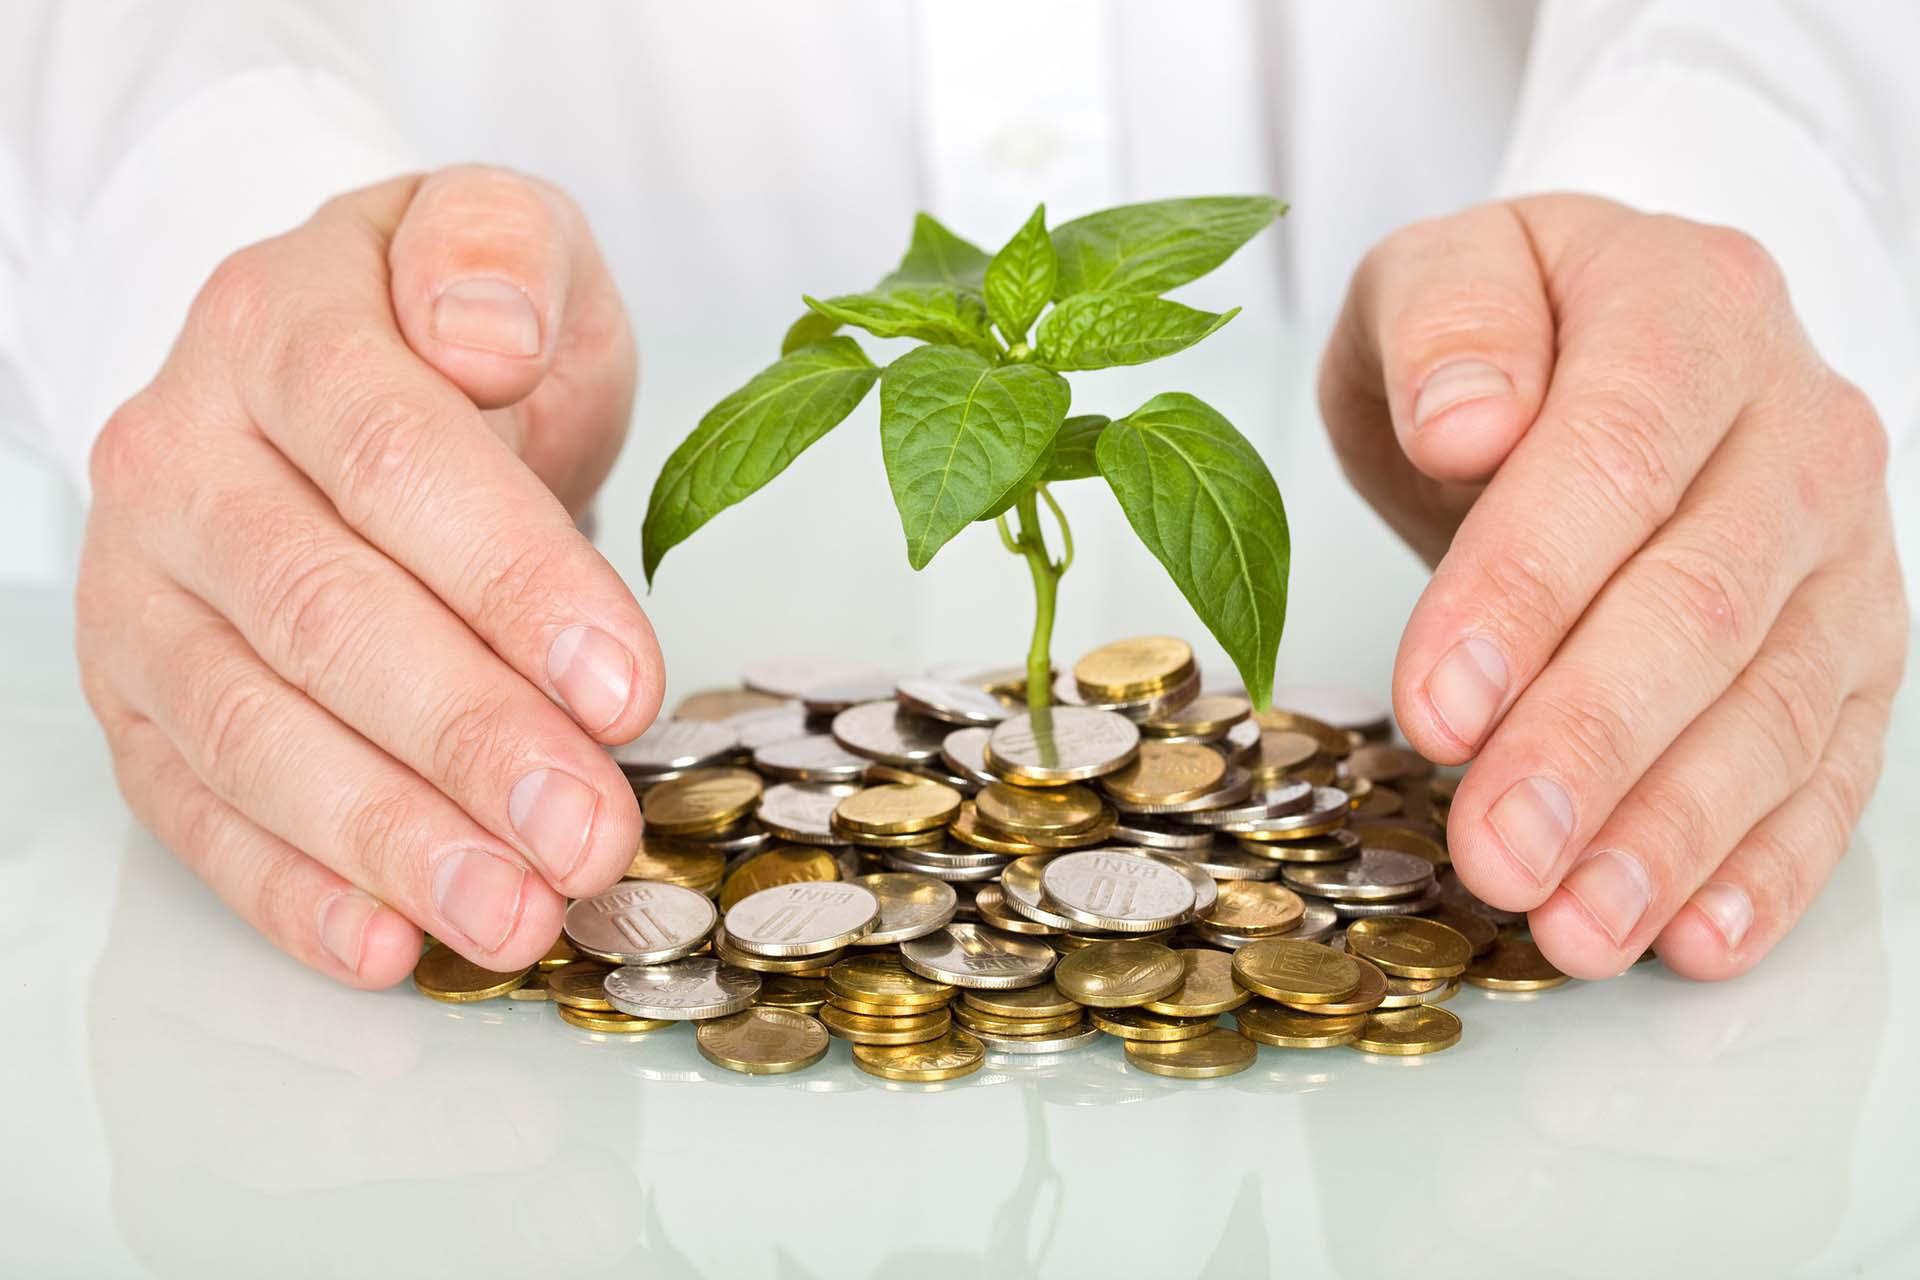 Вебинар: Важность создания капитала для предпринимателей